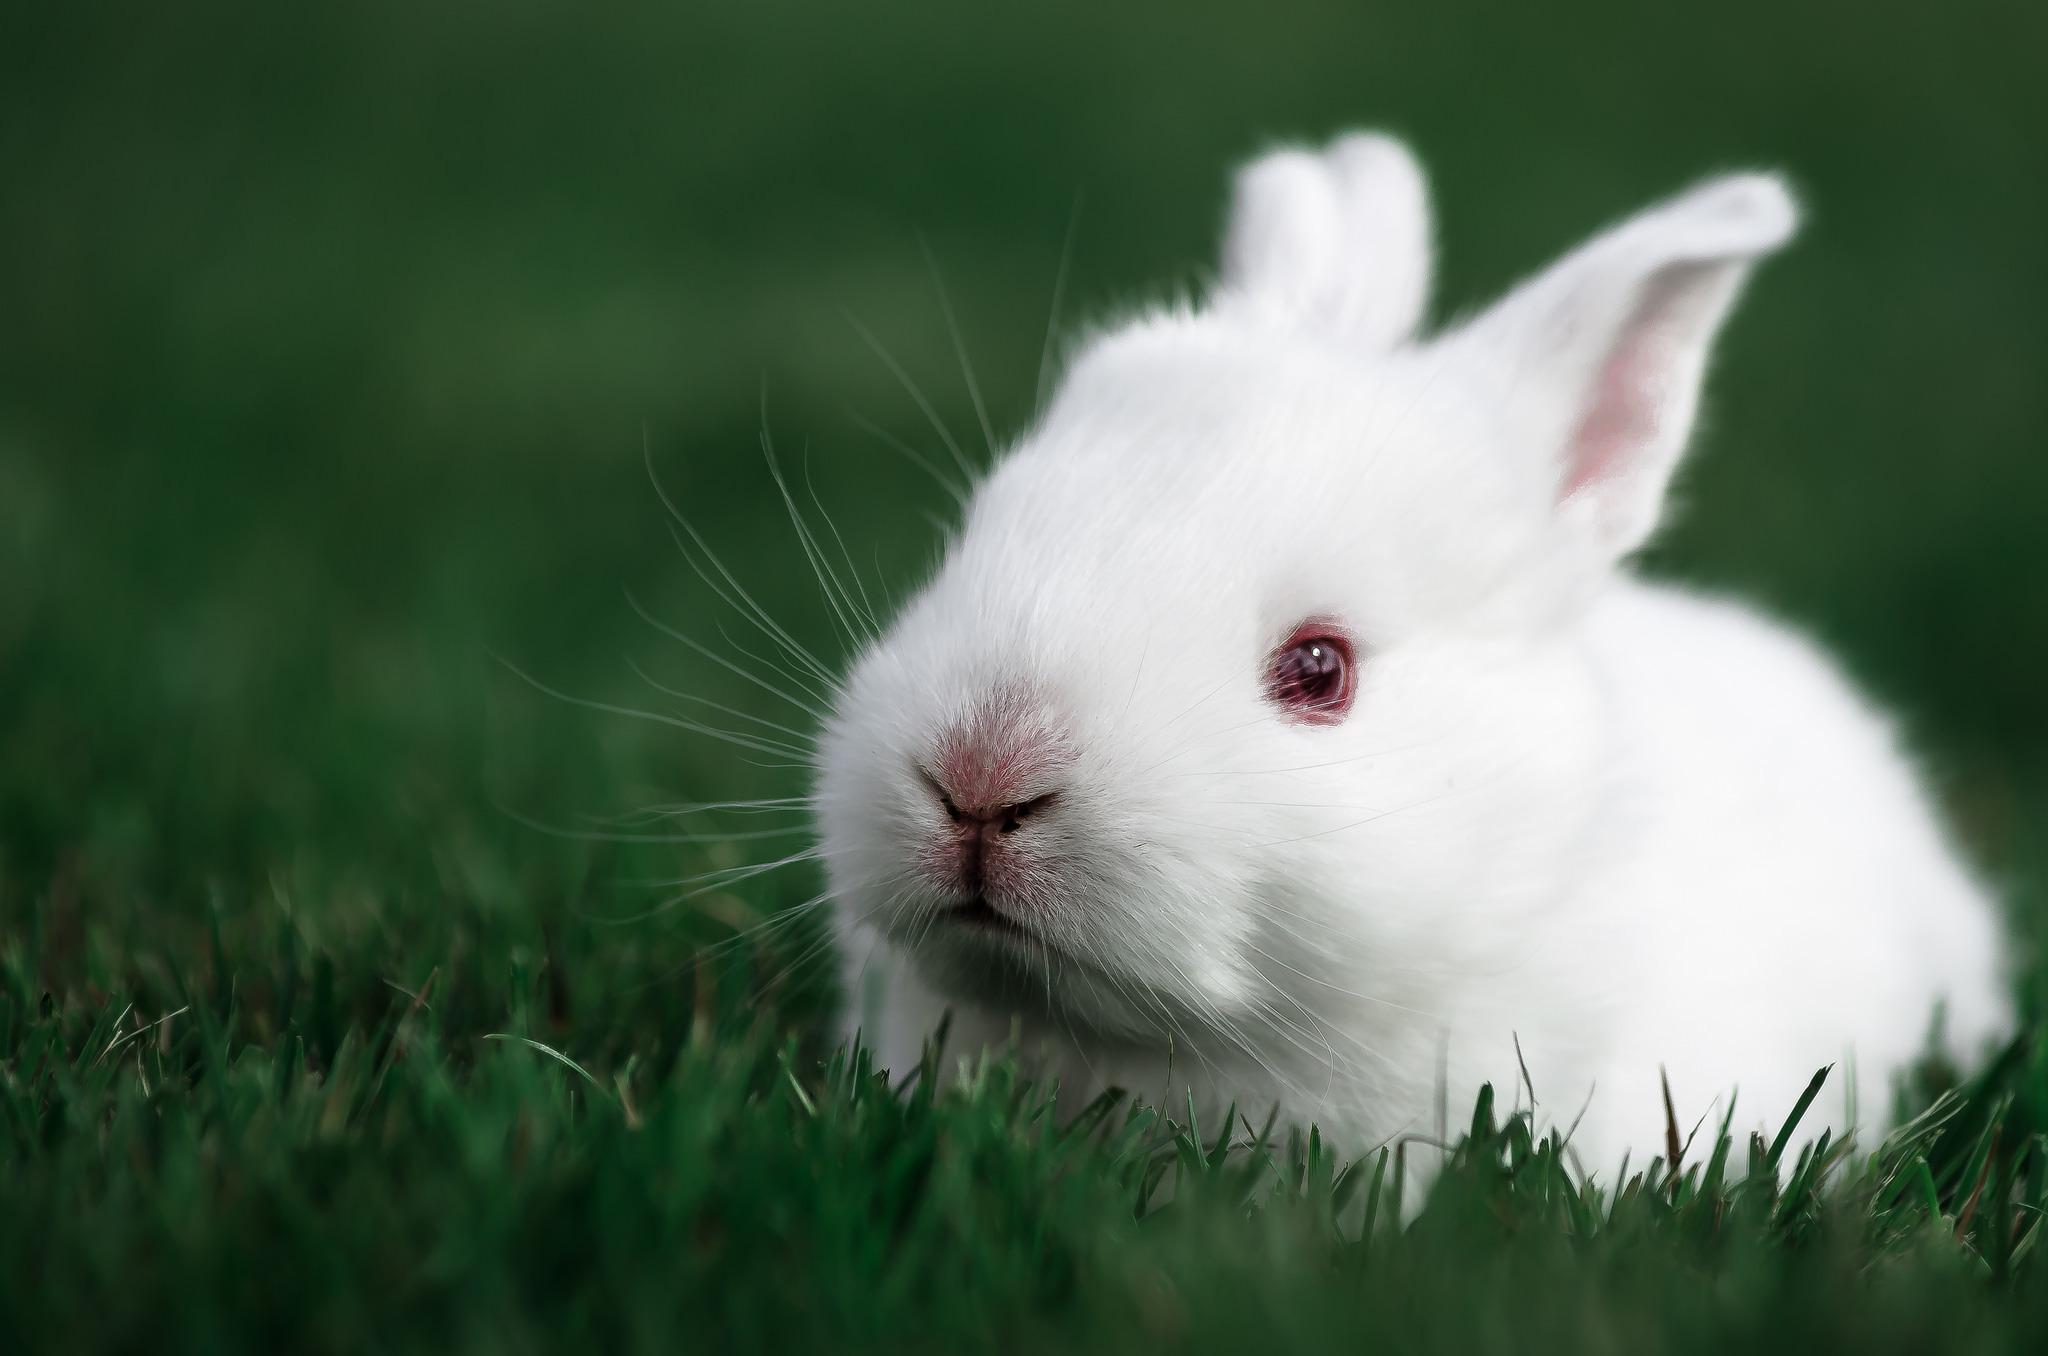 105231 Hintergrundbild herunterladen Kaninchen, Tiere, Grass, Schnauze - Bildschirmschoner und Bilder kostenlos